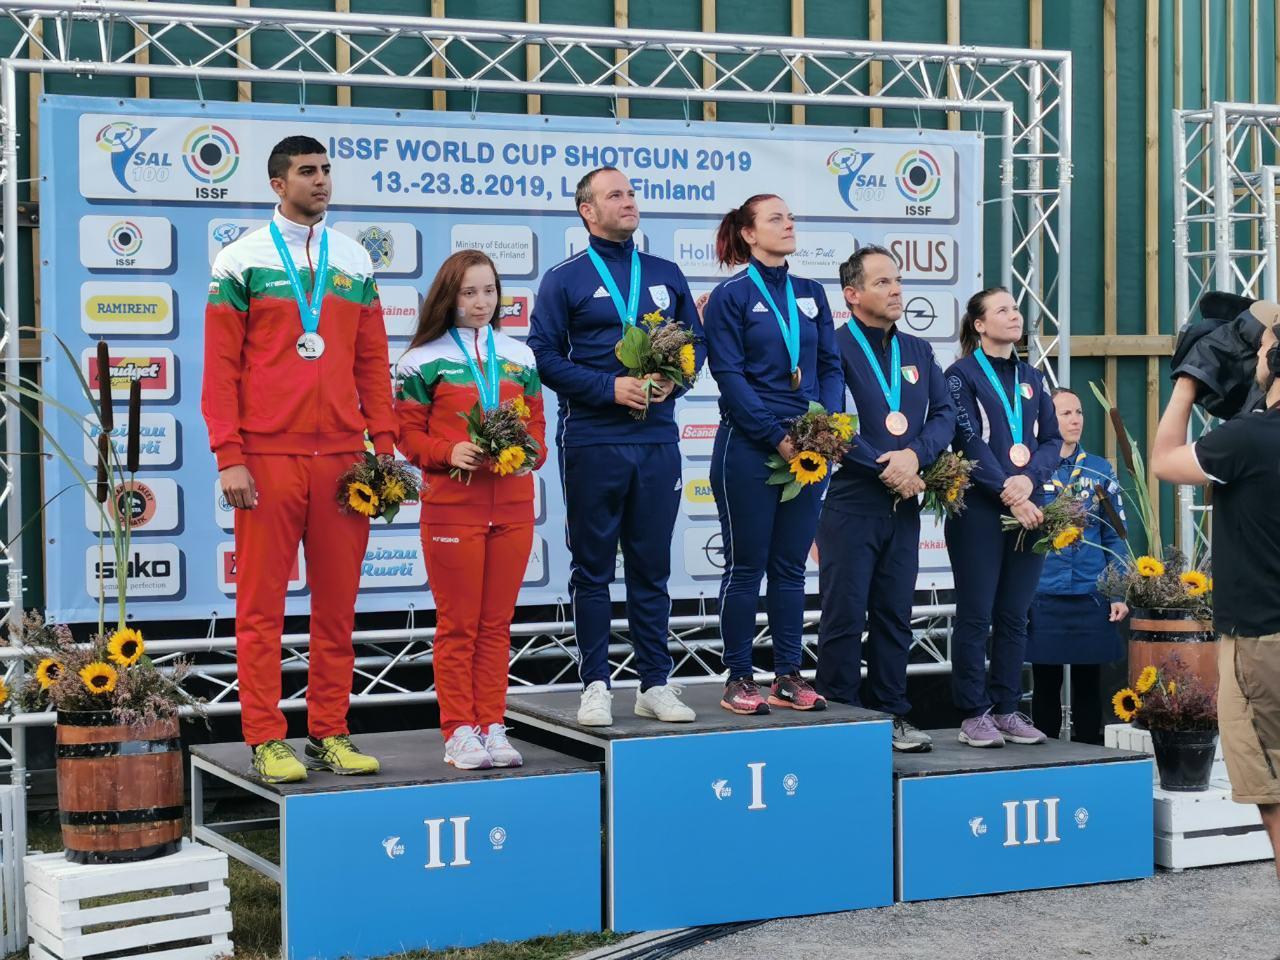 Сребърен медал за Марин Кирилов и Селин Али на Световната купа във Финландия